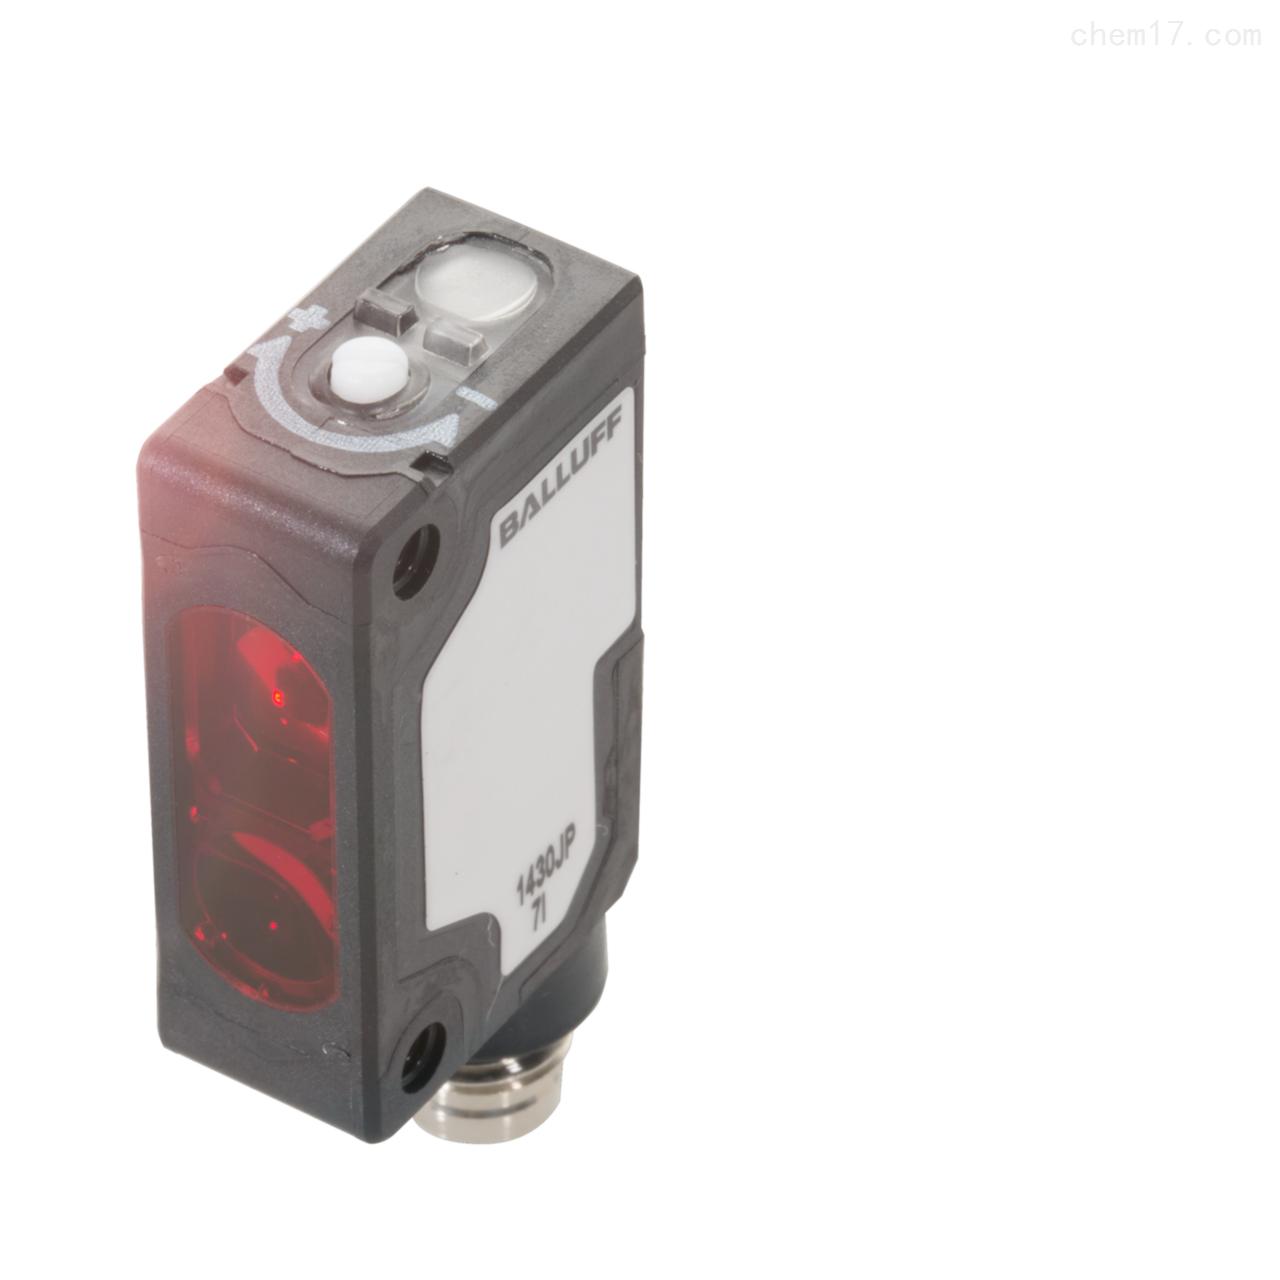 德国巴鲁夫BESM18MI-PSC80B-S04G传感器现货